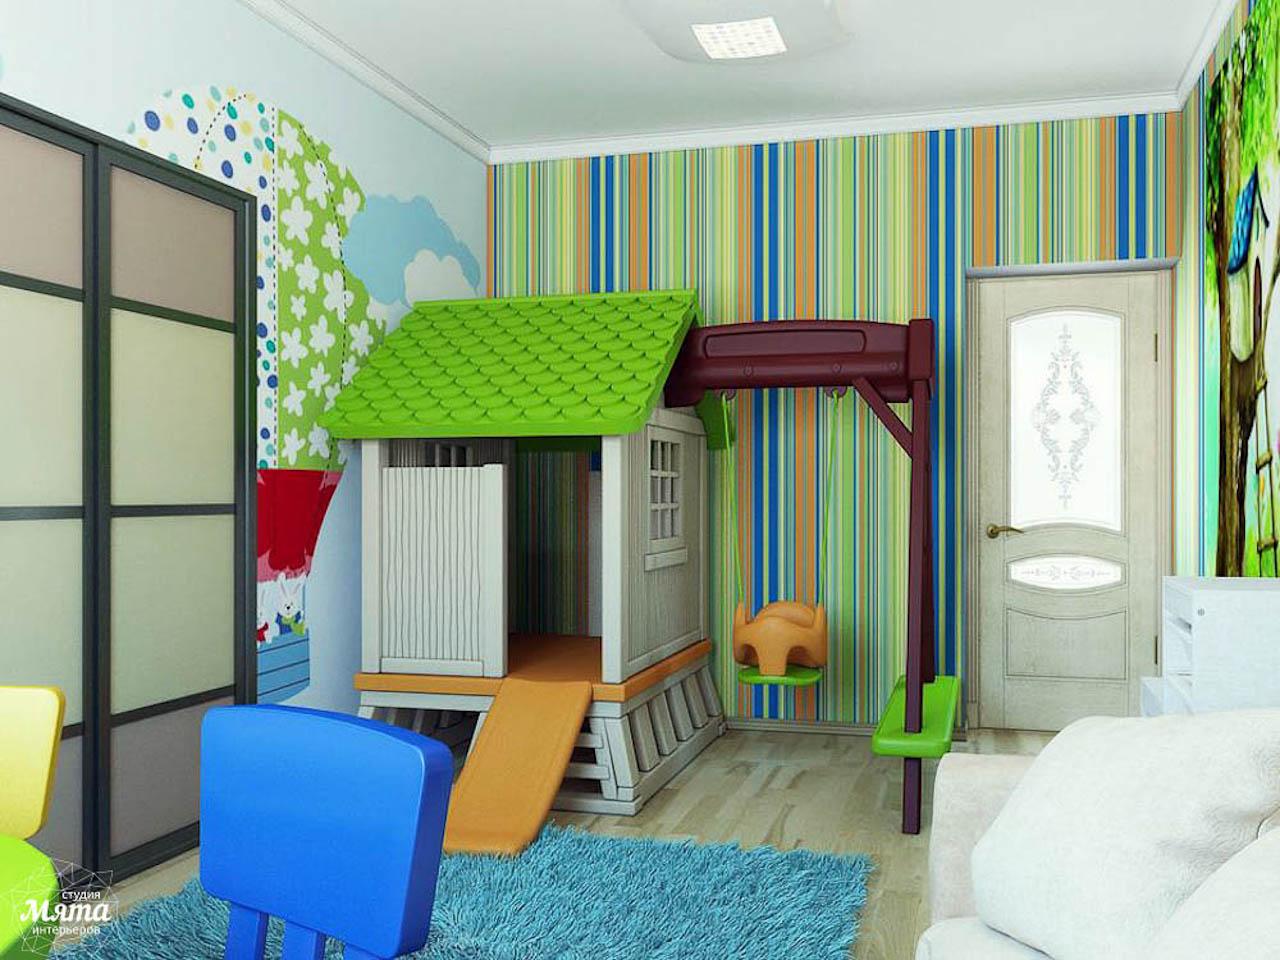 Дизайн интерьера коттеджа в п. Верхнее Дуброво img1685423949